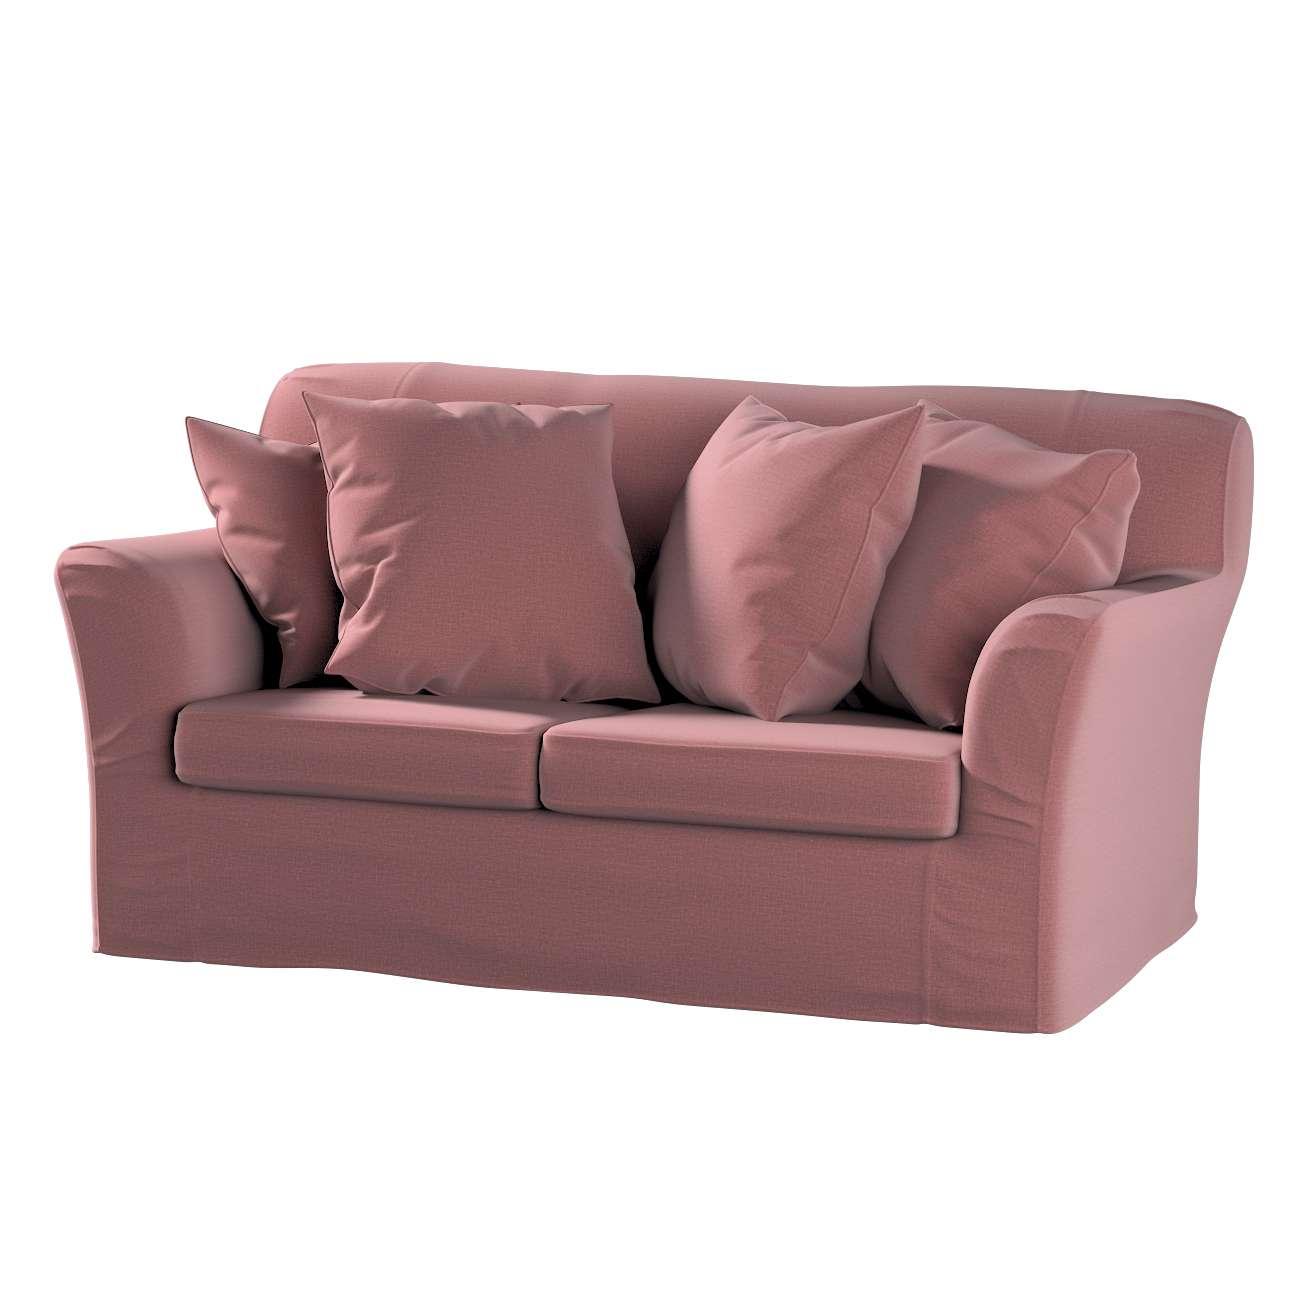 Pokrowiec na sofę Tomelilla 2-osobową nierozkładaną w kolekcji Ingrid, tkanina: 705-38